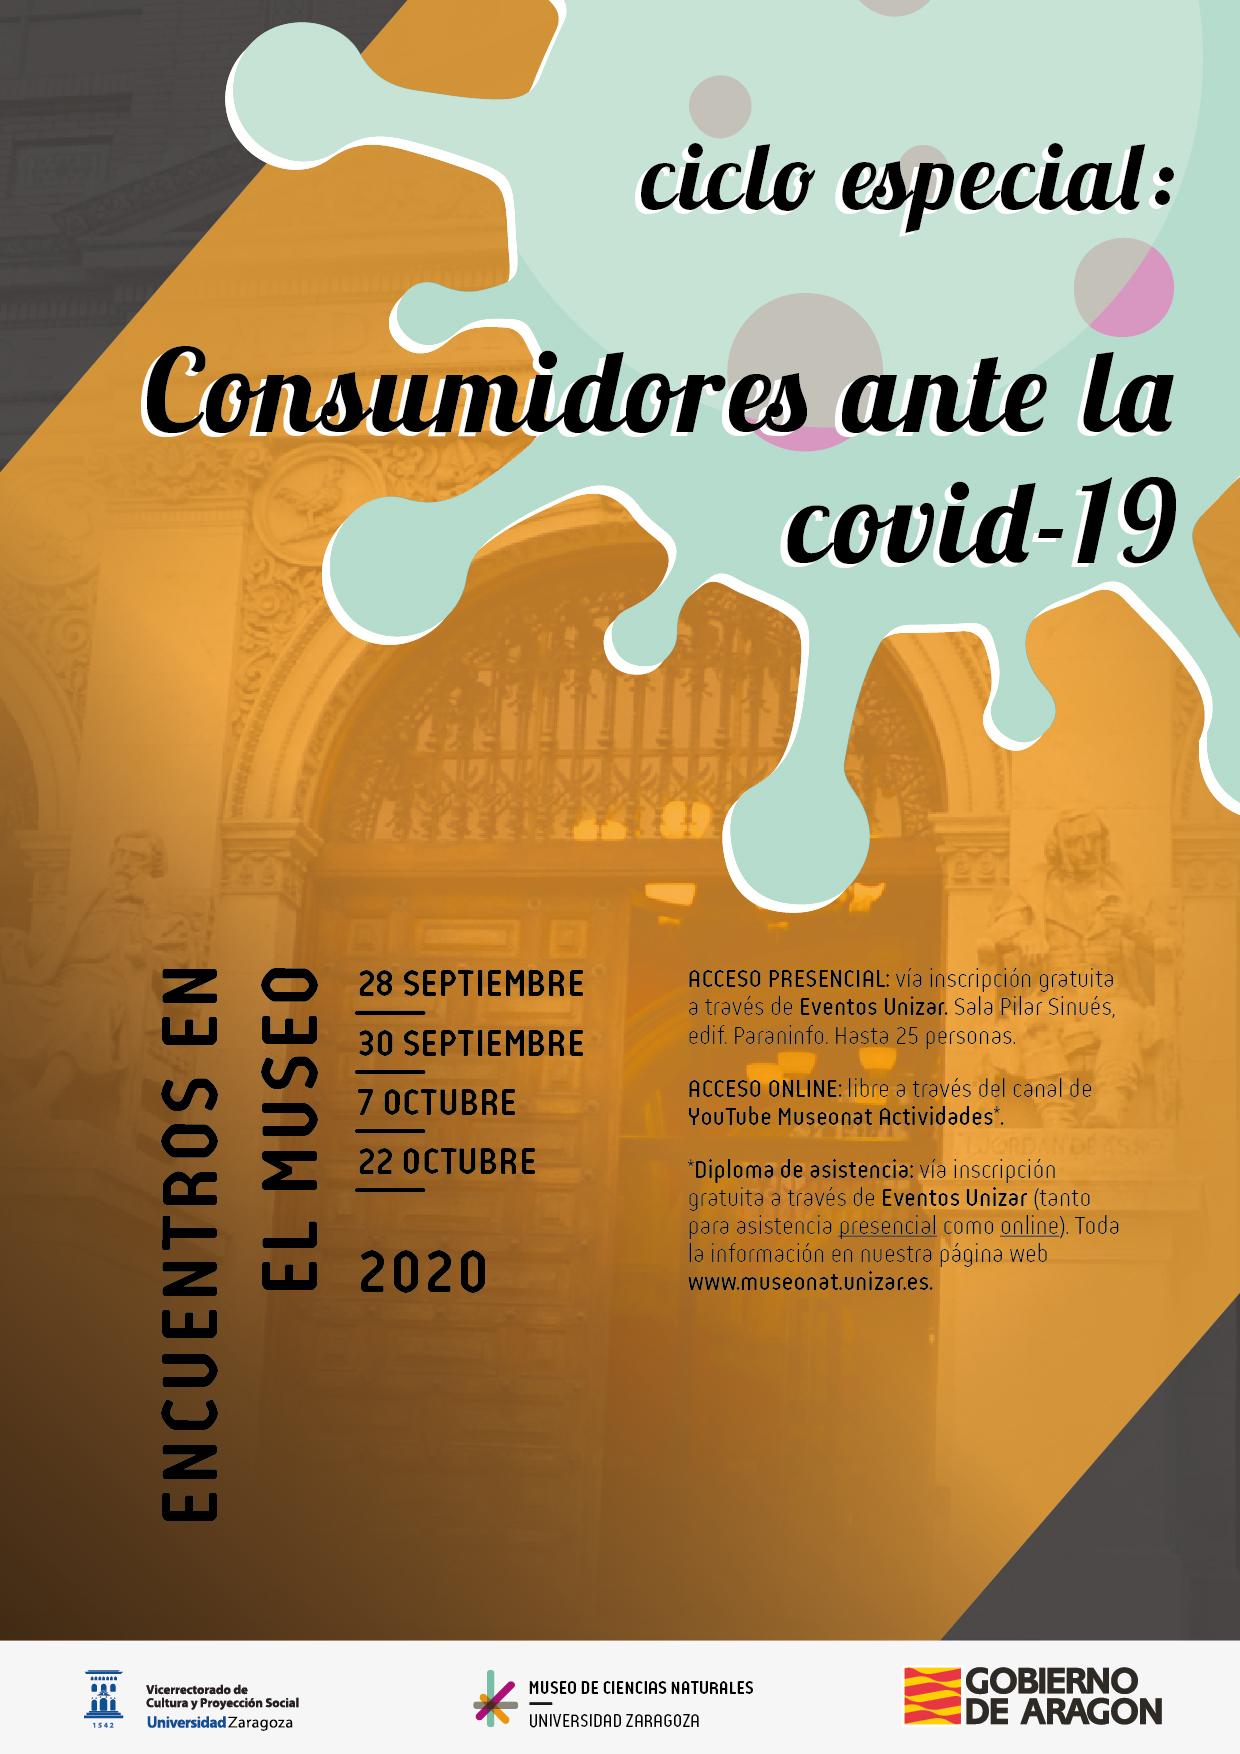 Consumidores ante la covid-19